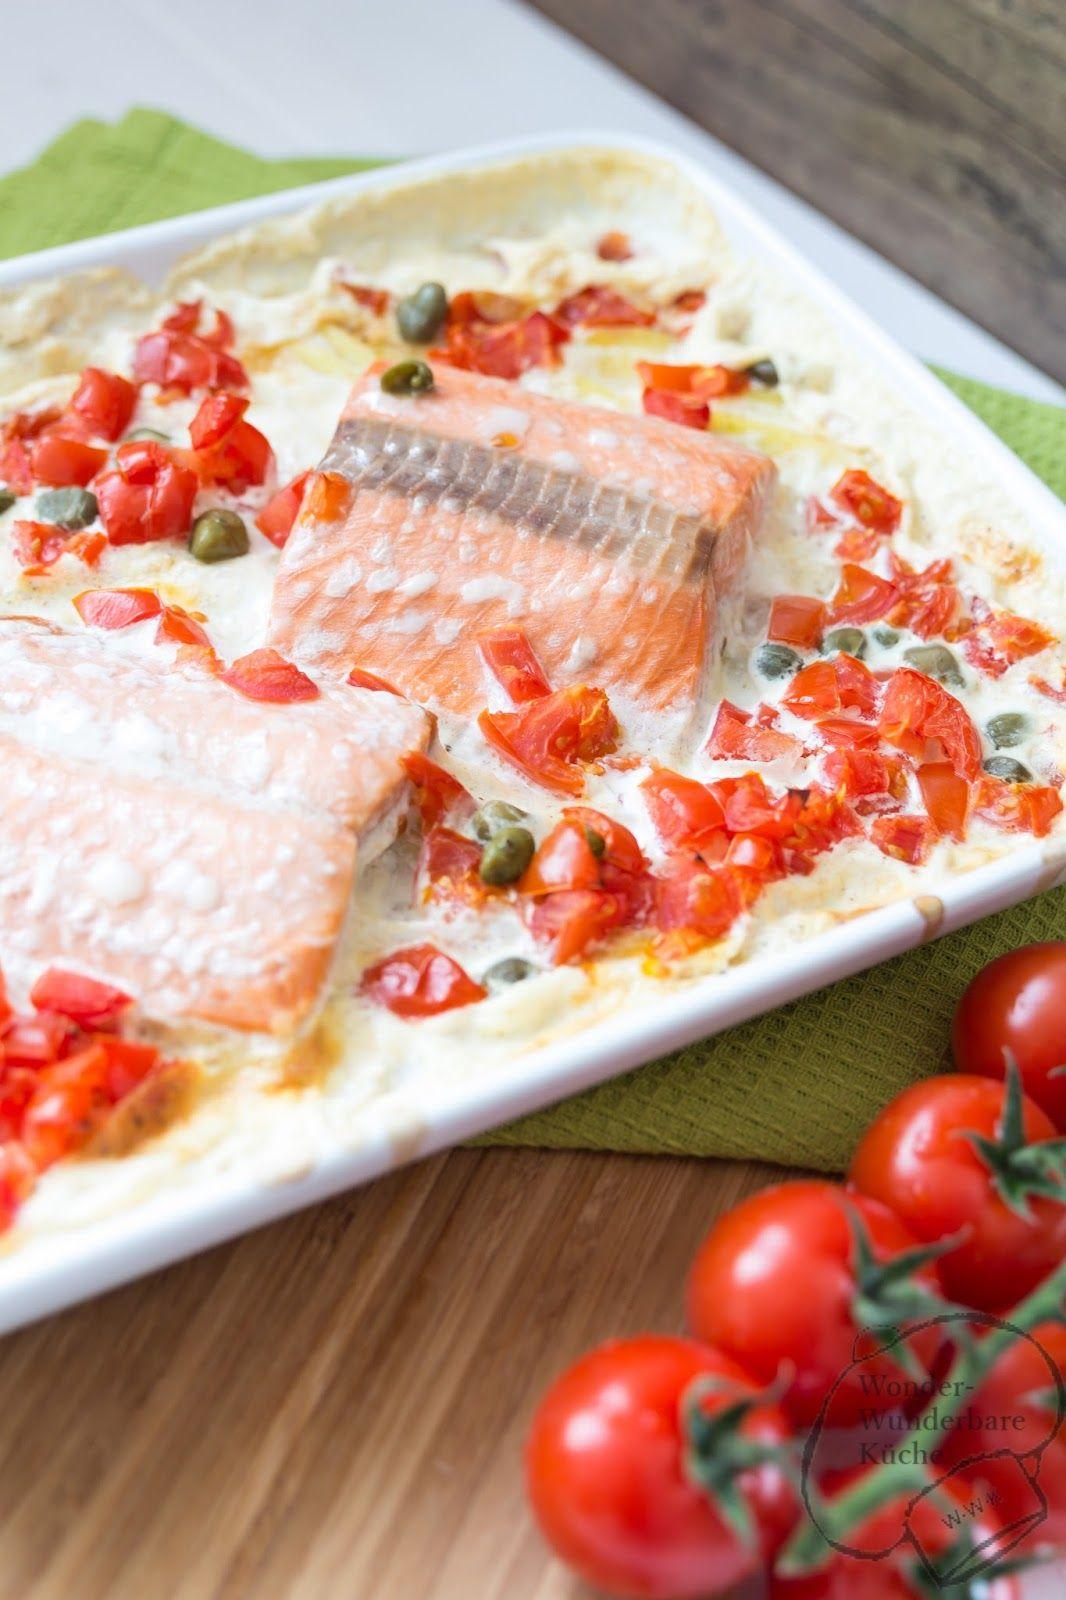 Lachs auf Kartoffelgratin. Rezept für den Backofen. Fisch. Mit Tomaten und Kapern. Backofenrezept.